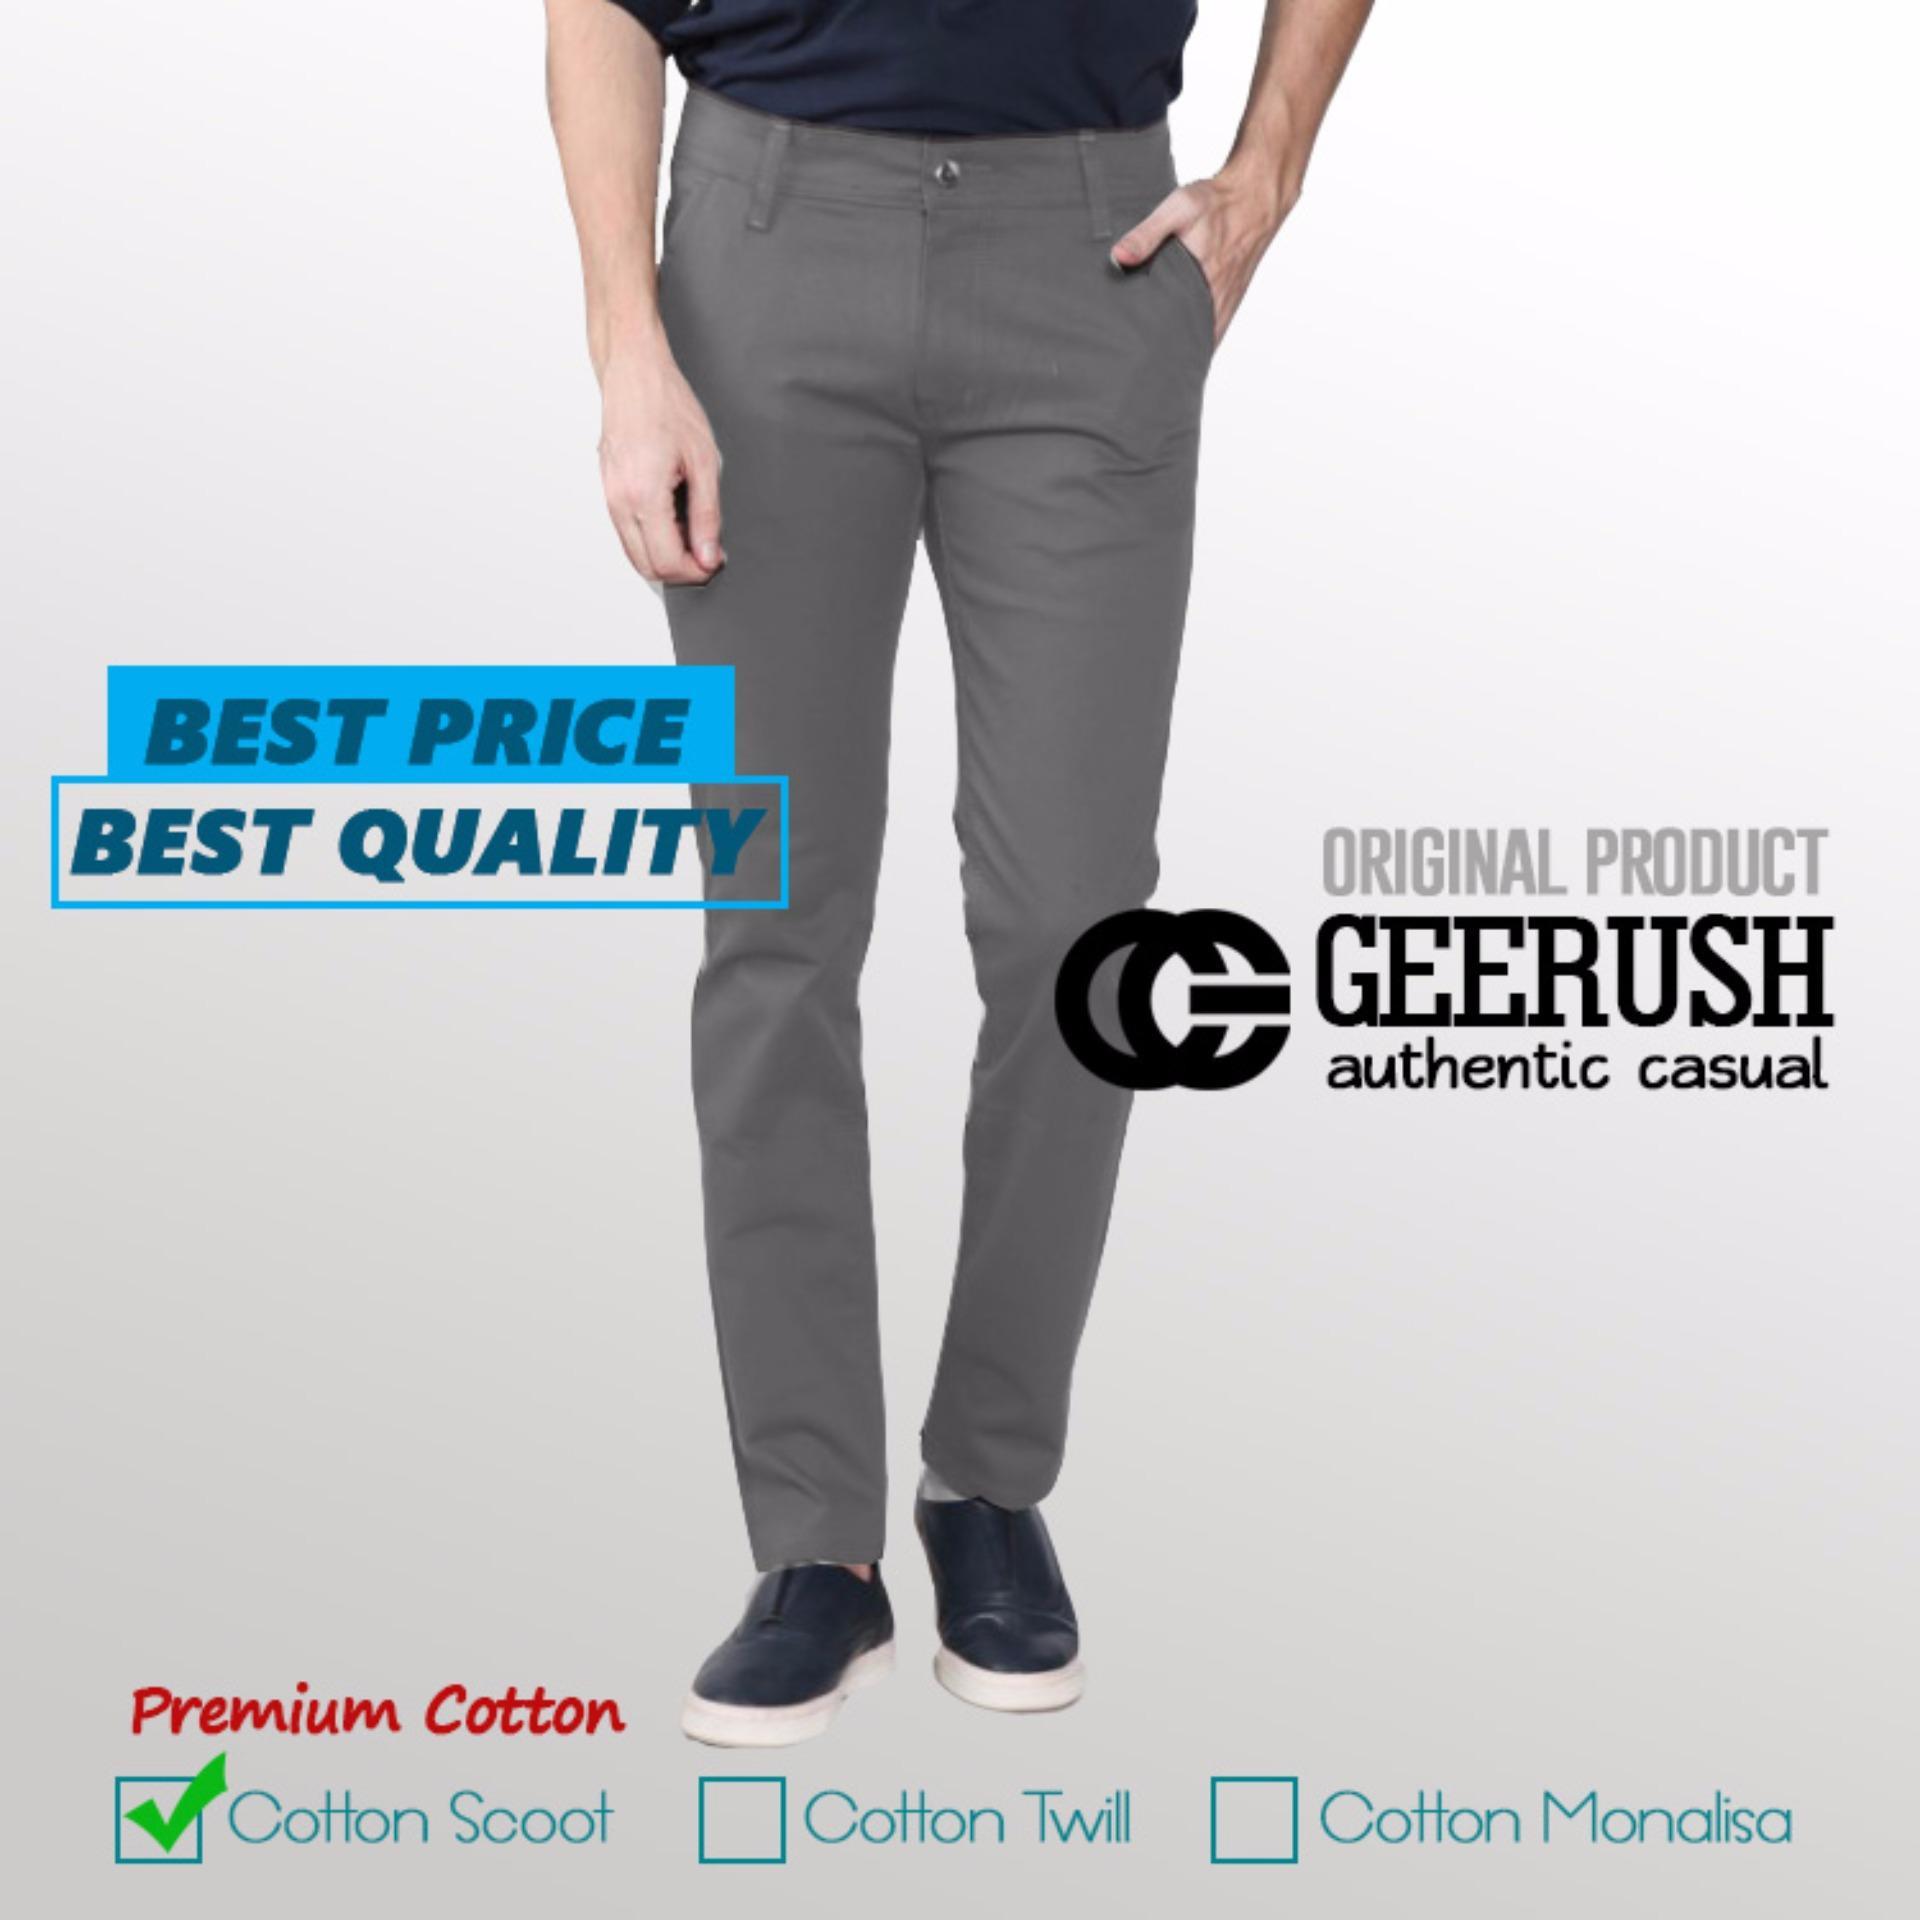 Harga Gc Celana Chino Slim Fit Grey Lengkap